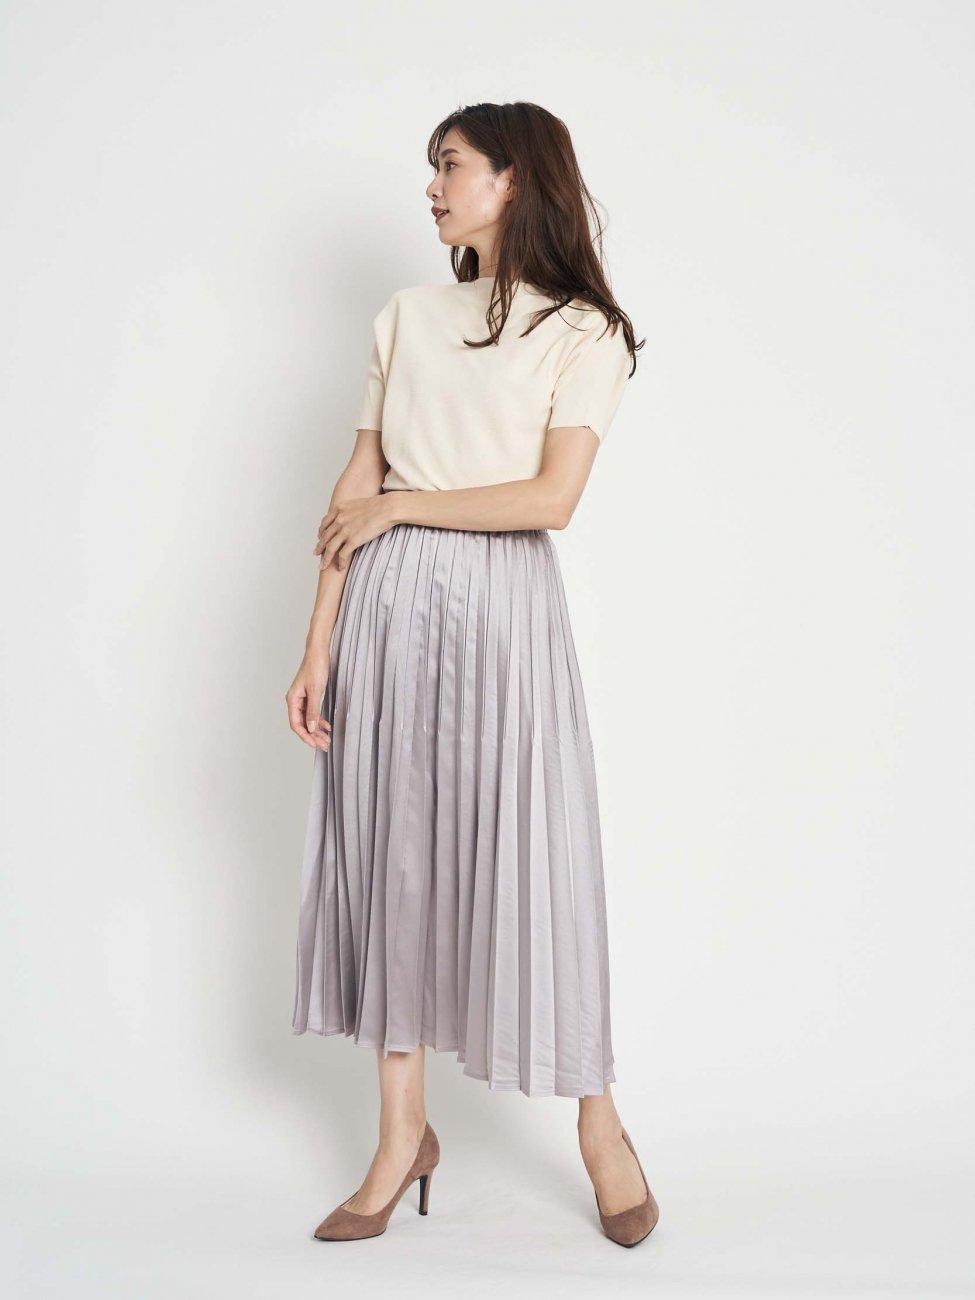 ドルマンリブニット×サテンプリーツスカート